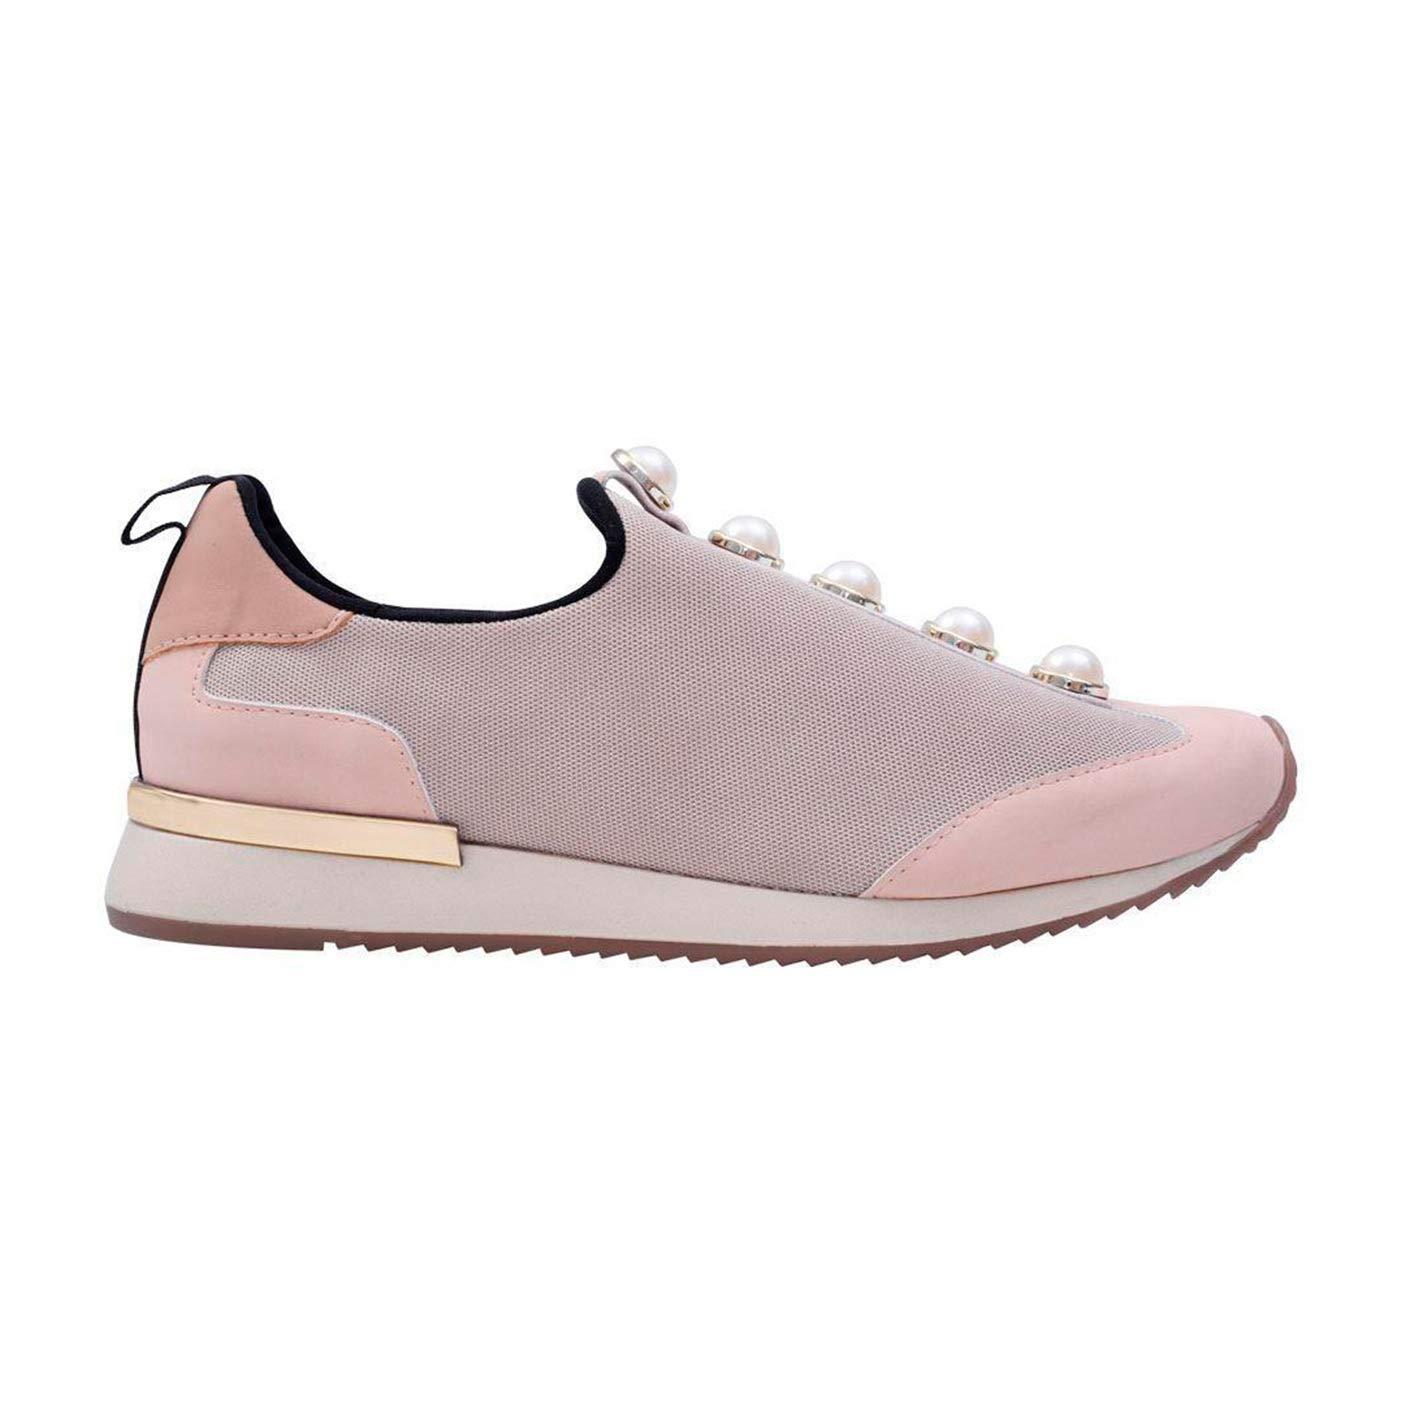 6ad3f9f1ca8b0 Amazon.com: MERCEDES CAMPUZANO 2636 Personalized Sneakers Women ...